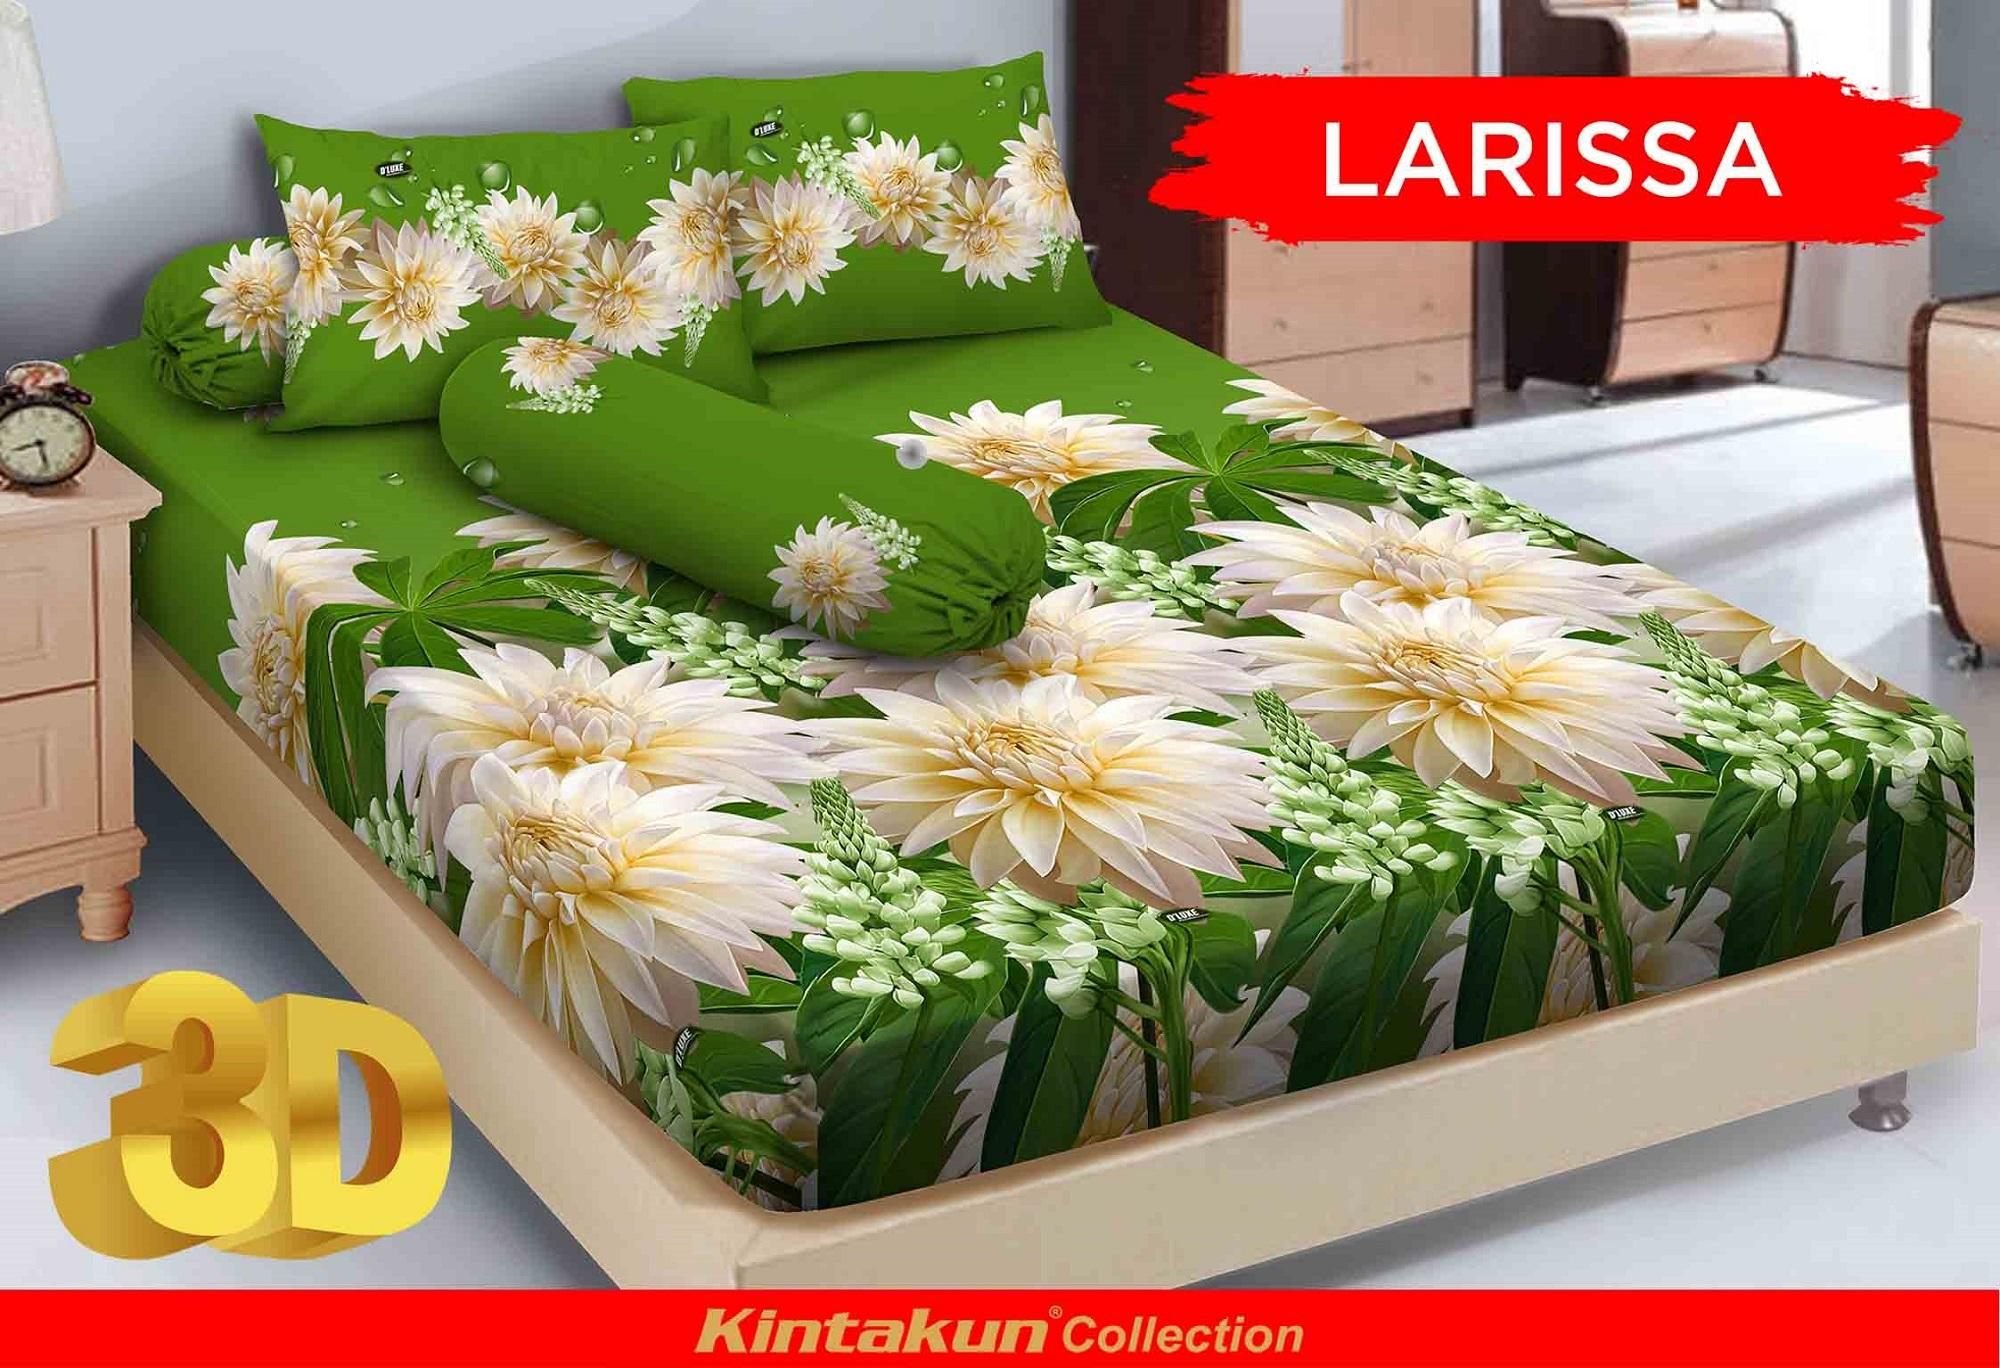 Sprei Bed Cover Kintakun Terbaru Deluxe Pisano Ukuran 180x200 Dluxe 180x200cm Larisa